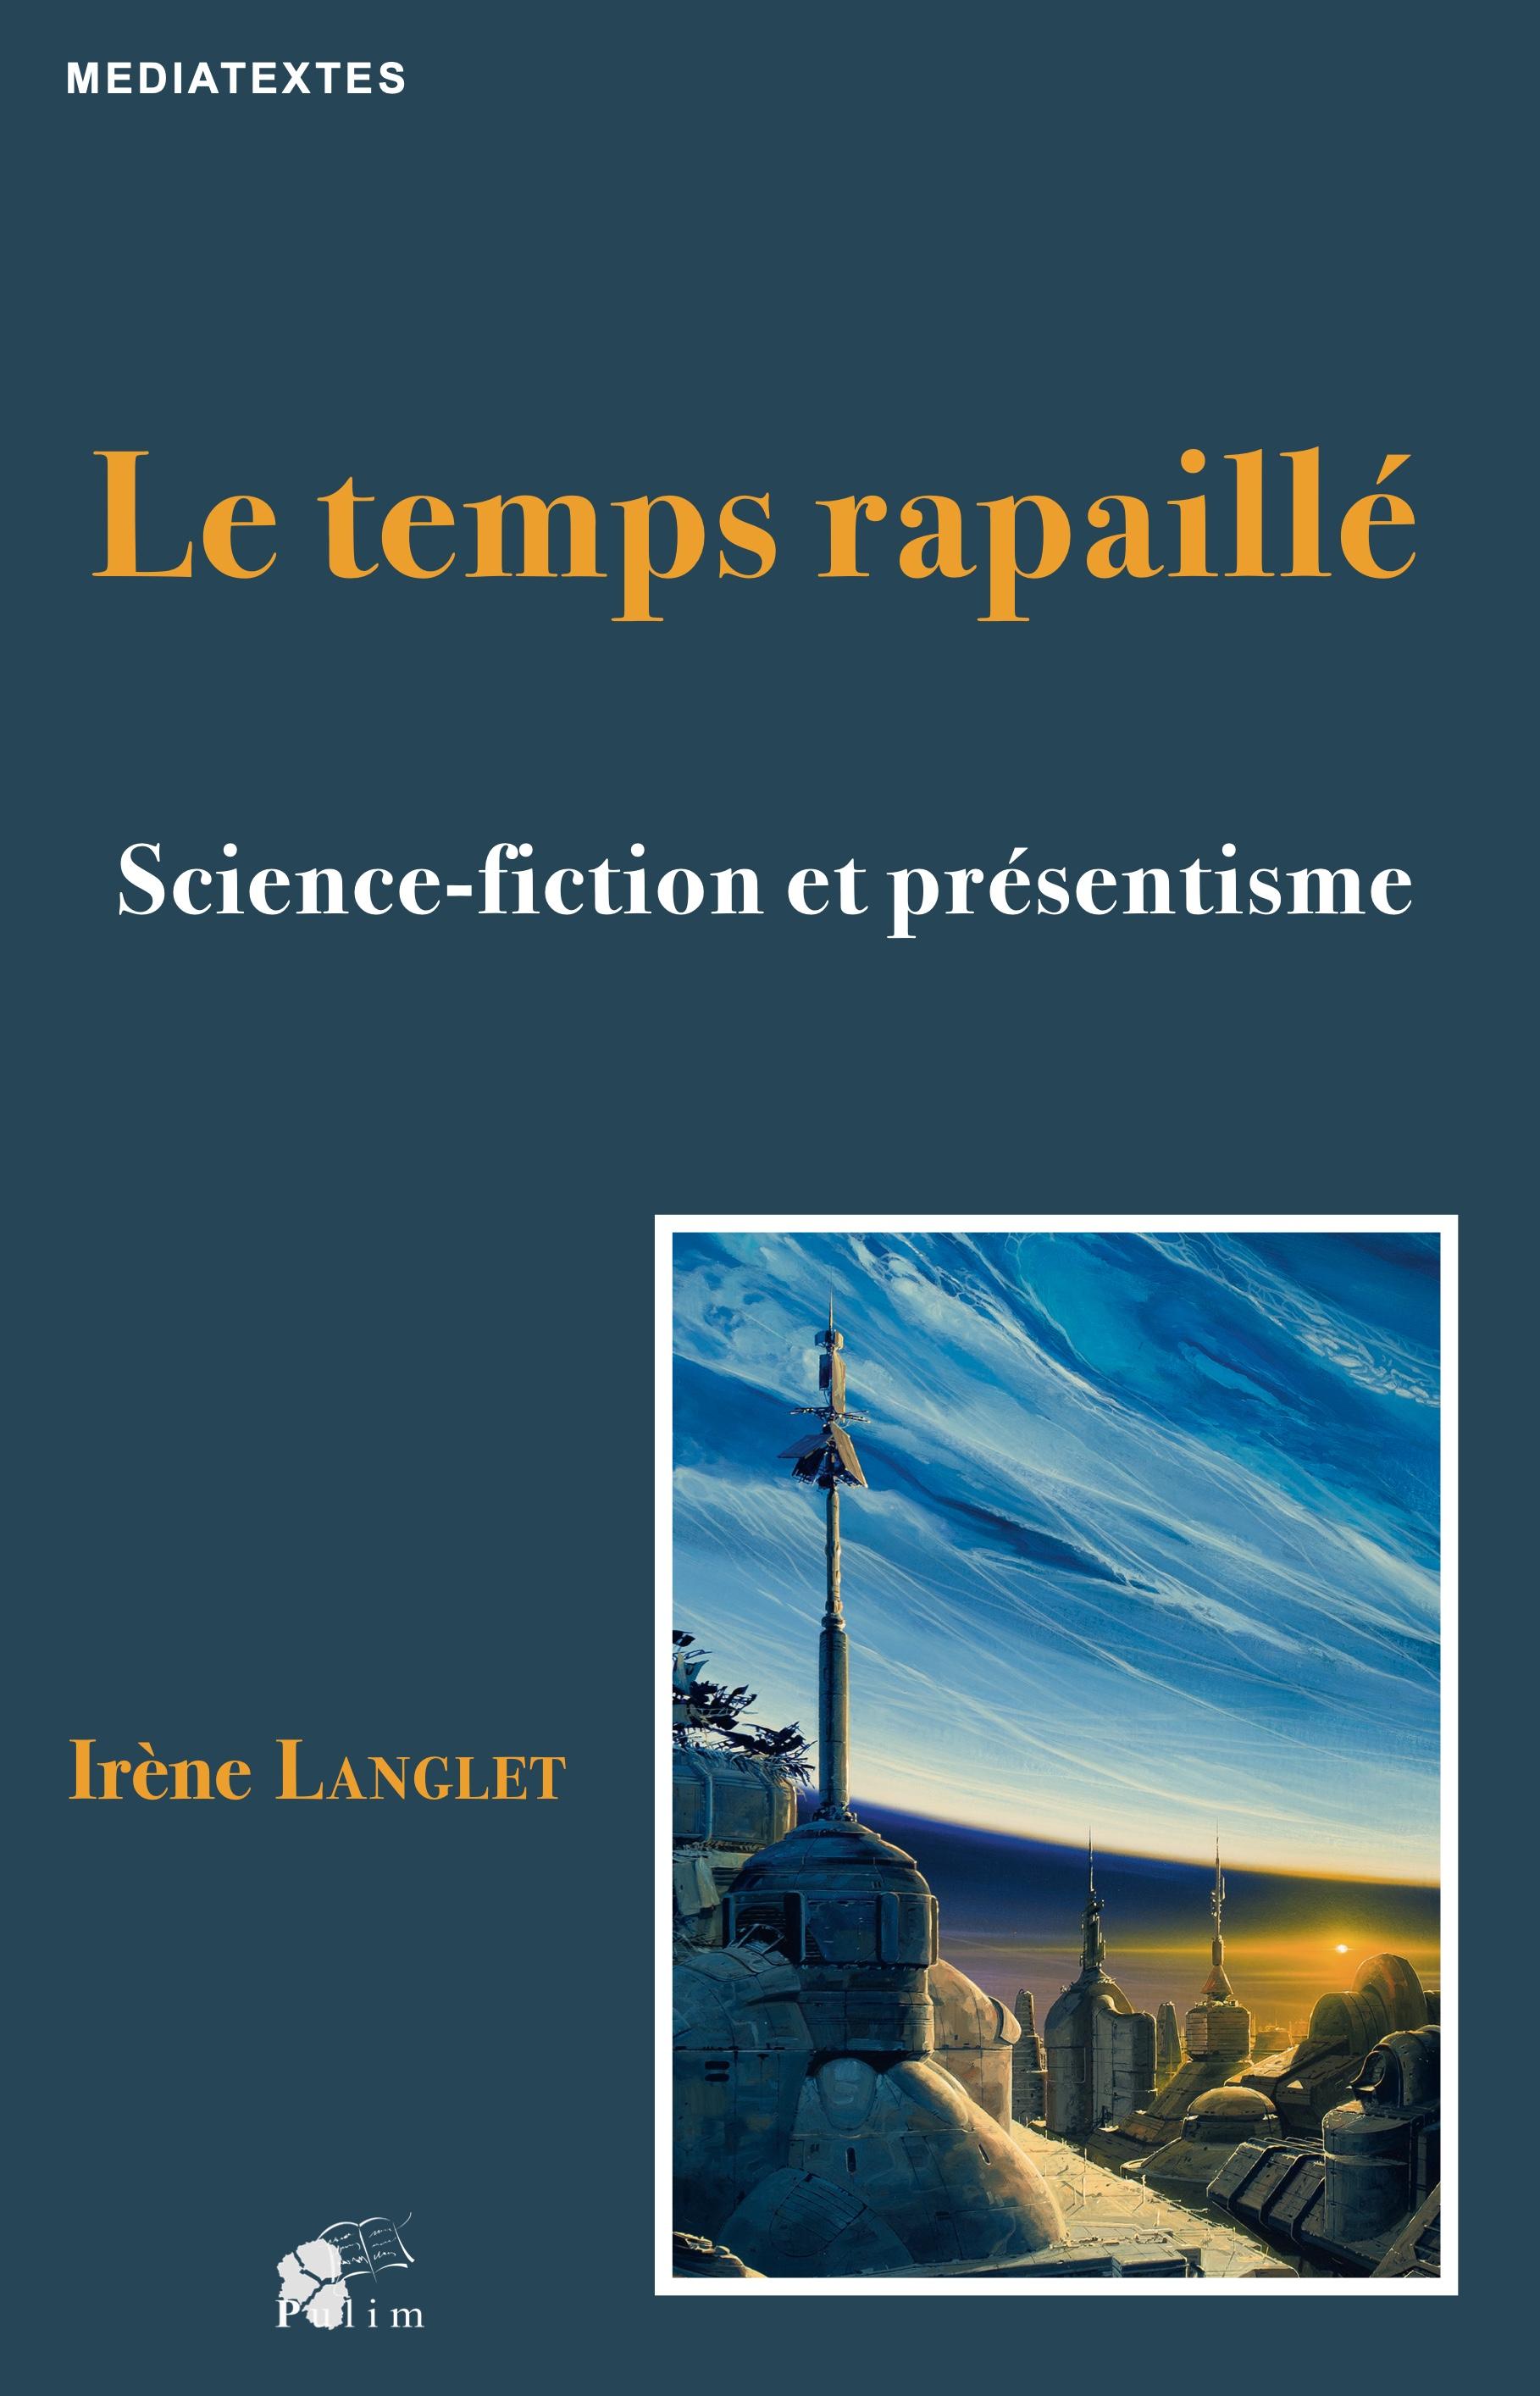 I. Langlet, Le temps rapaillé. Science-fiction et présentisme